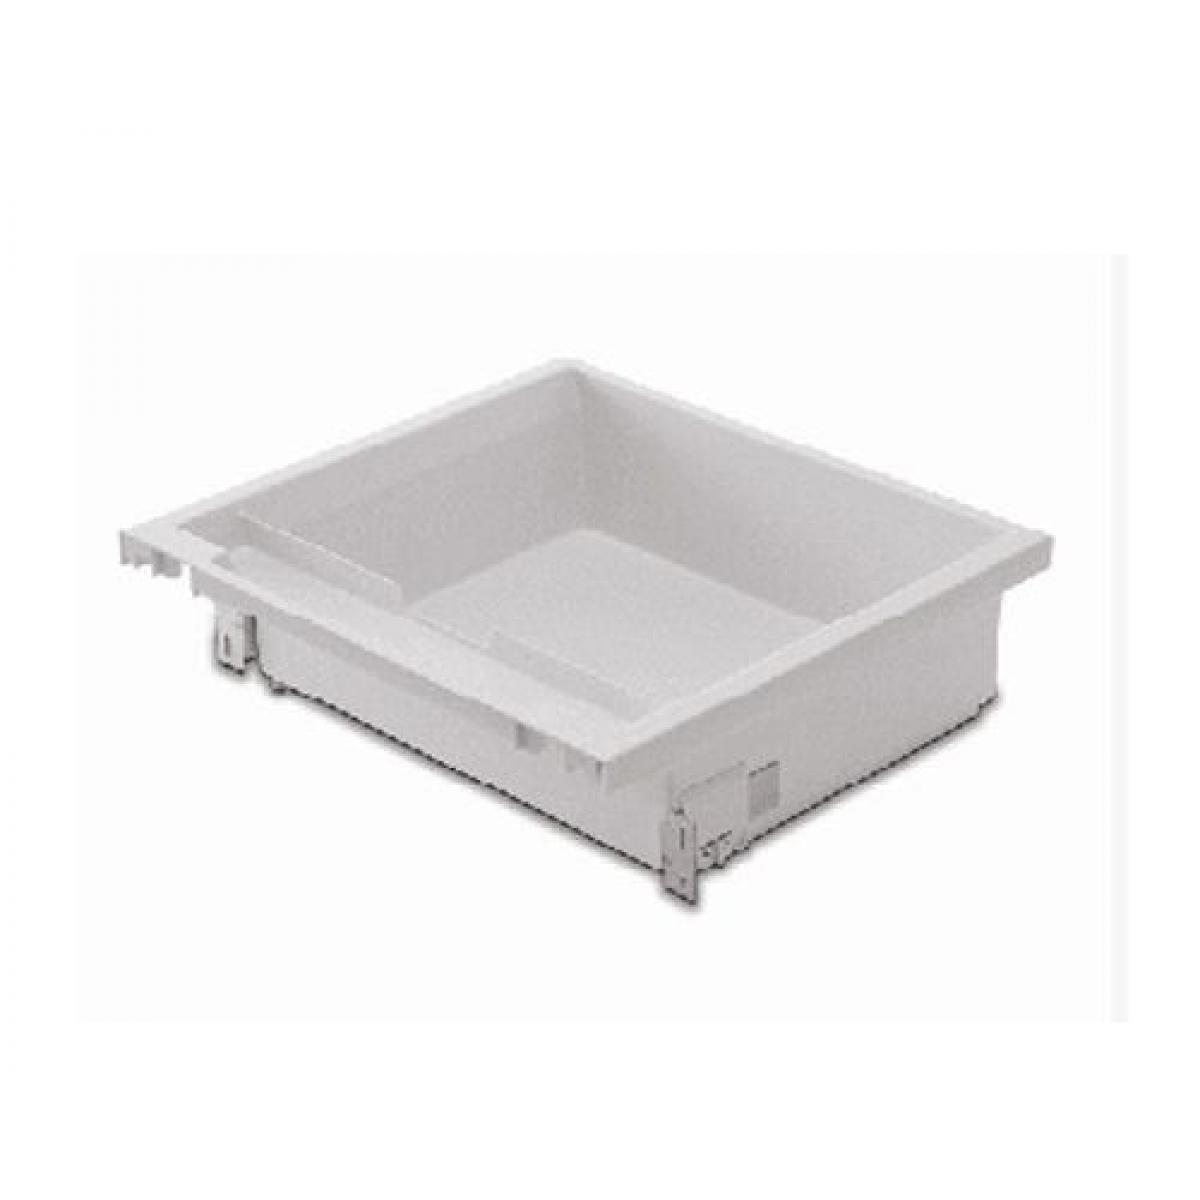 Ящик под плиту 600 цвет серый(2014)